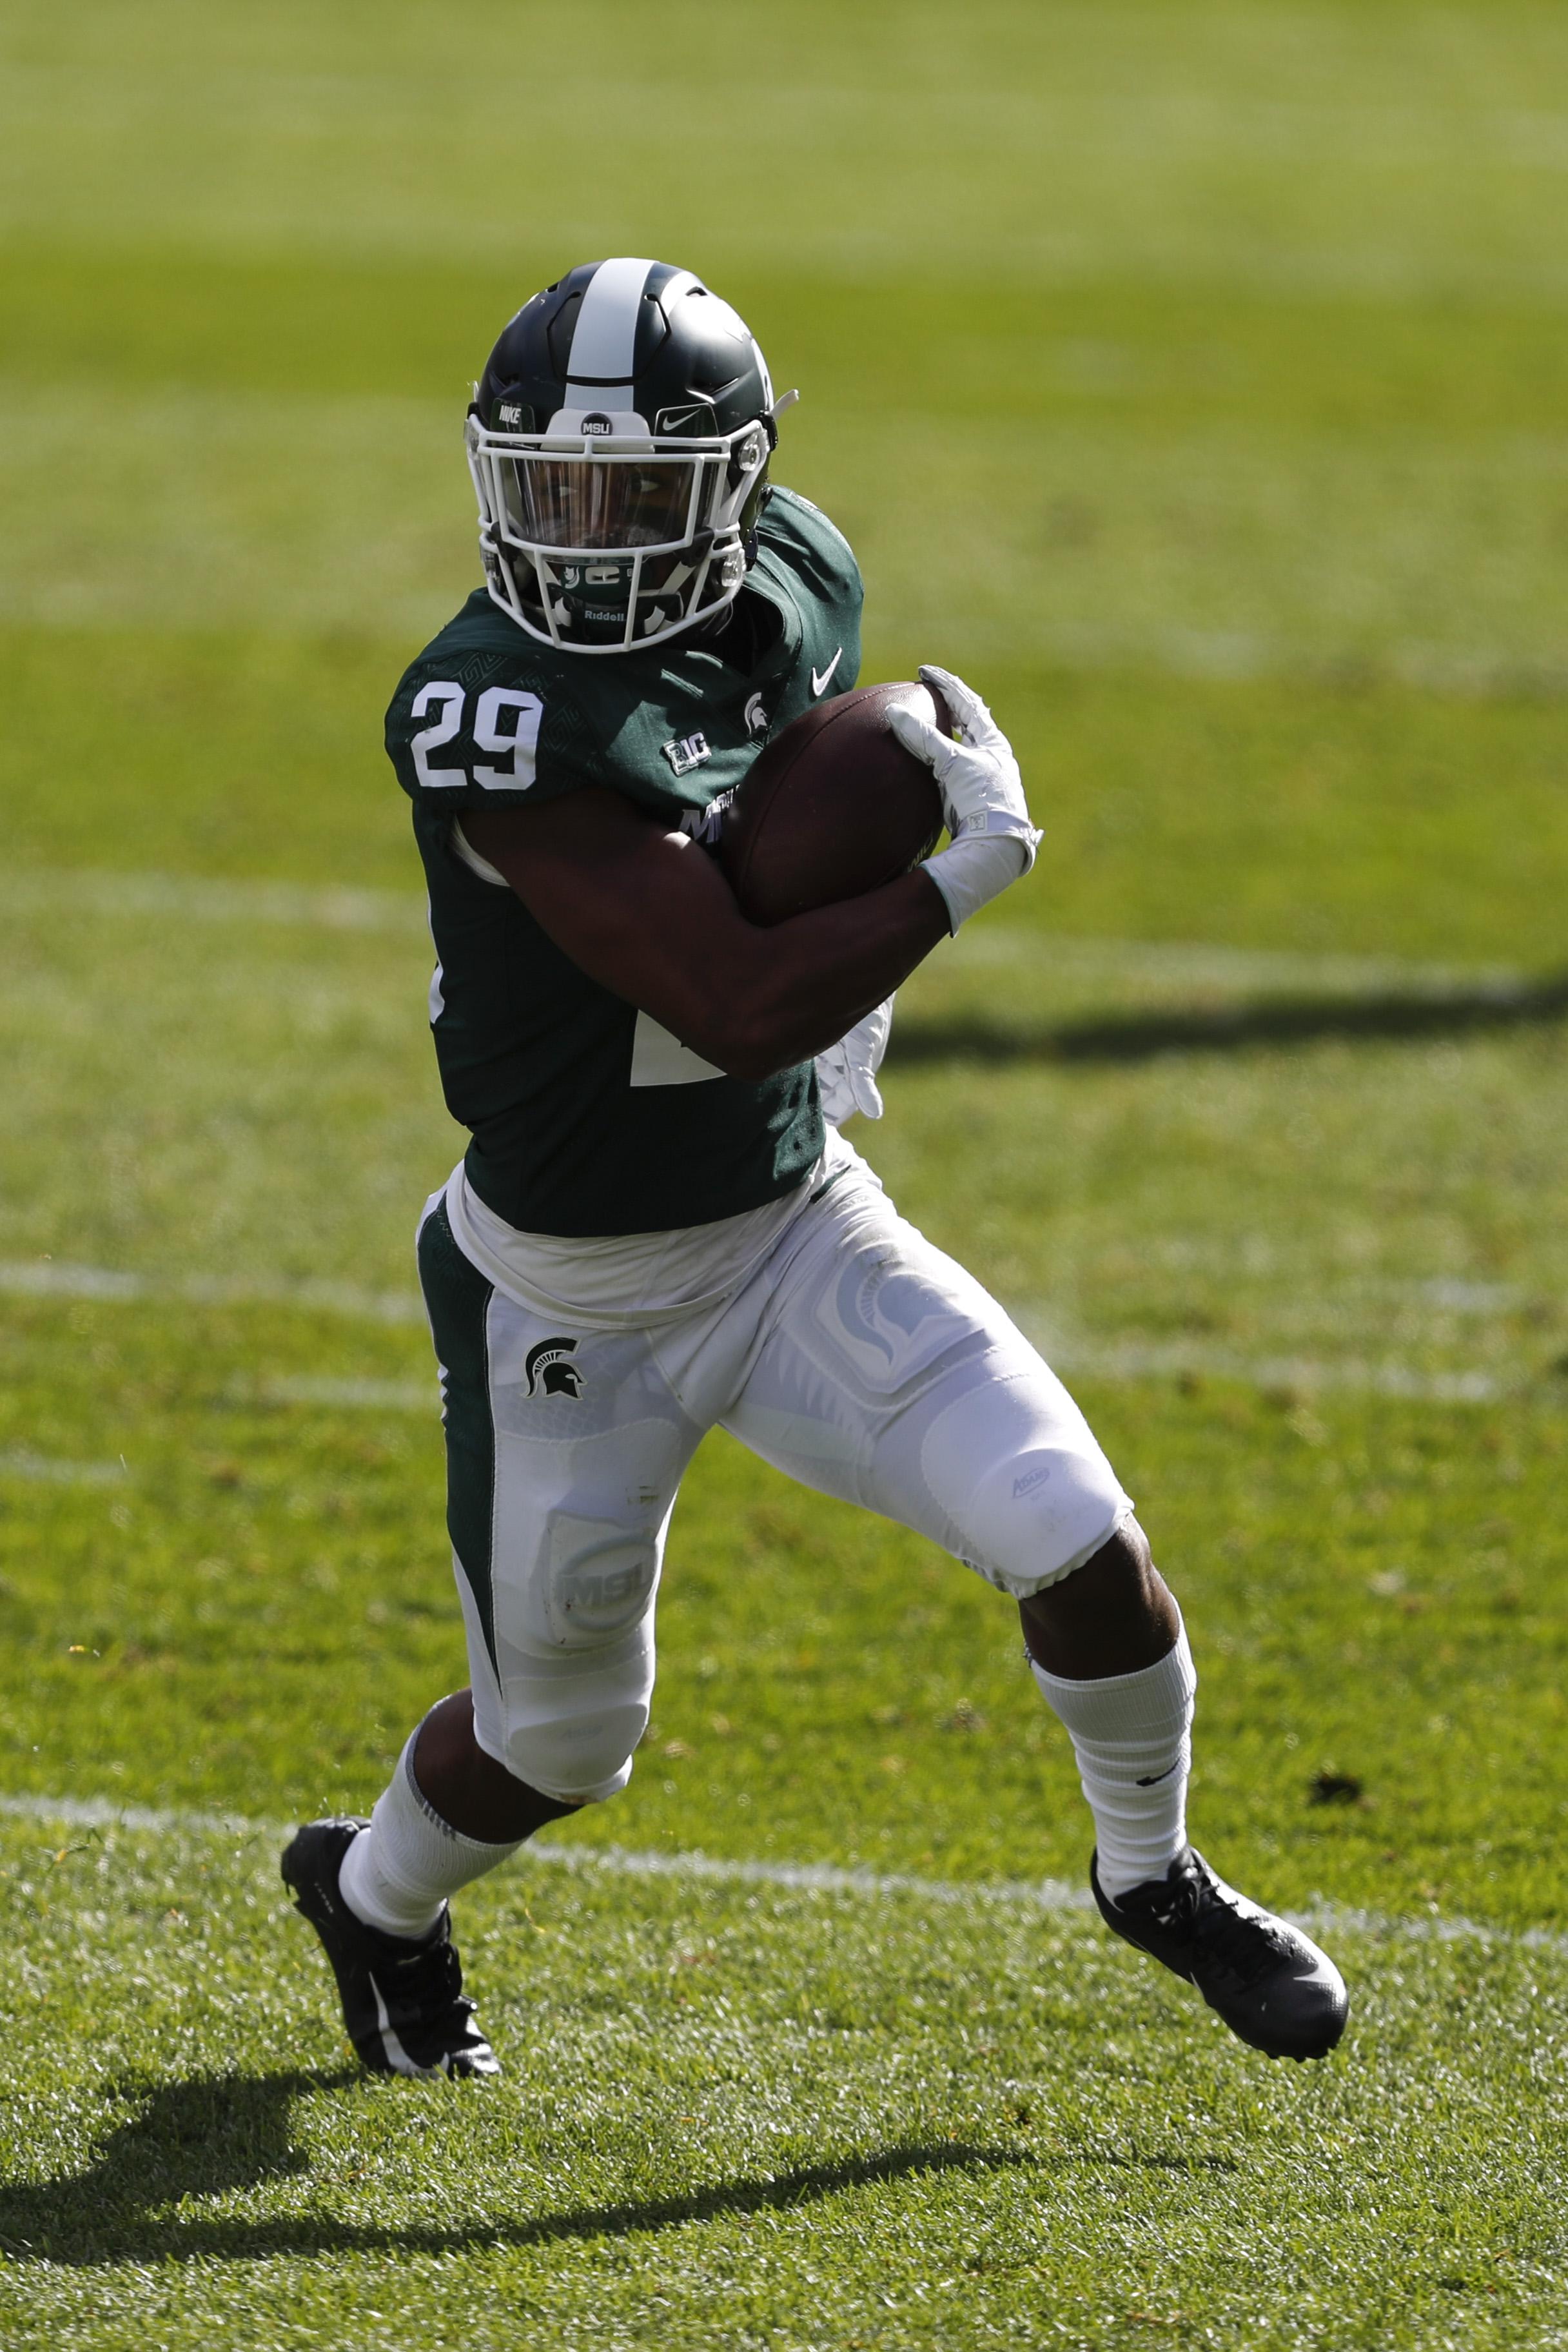 NCAA橄榄球赛:罗格斯大学在密歇根州立大学